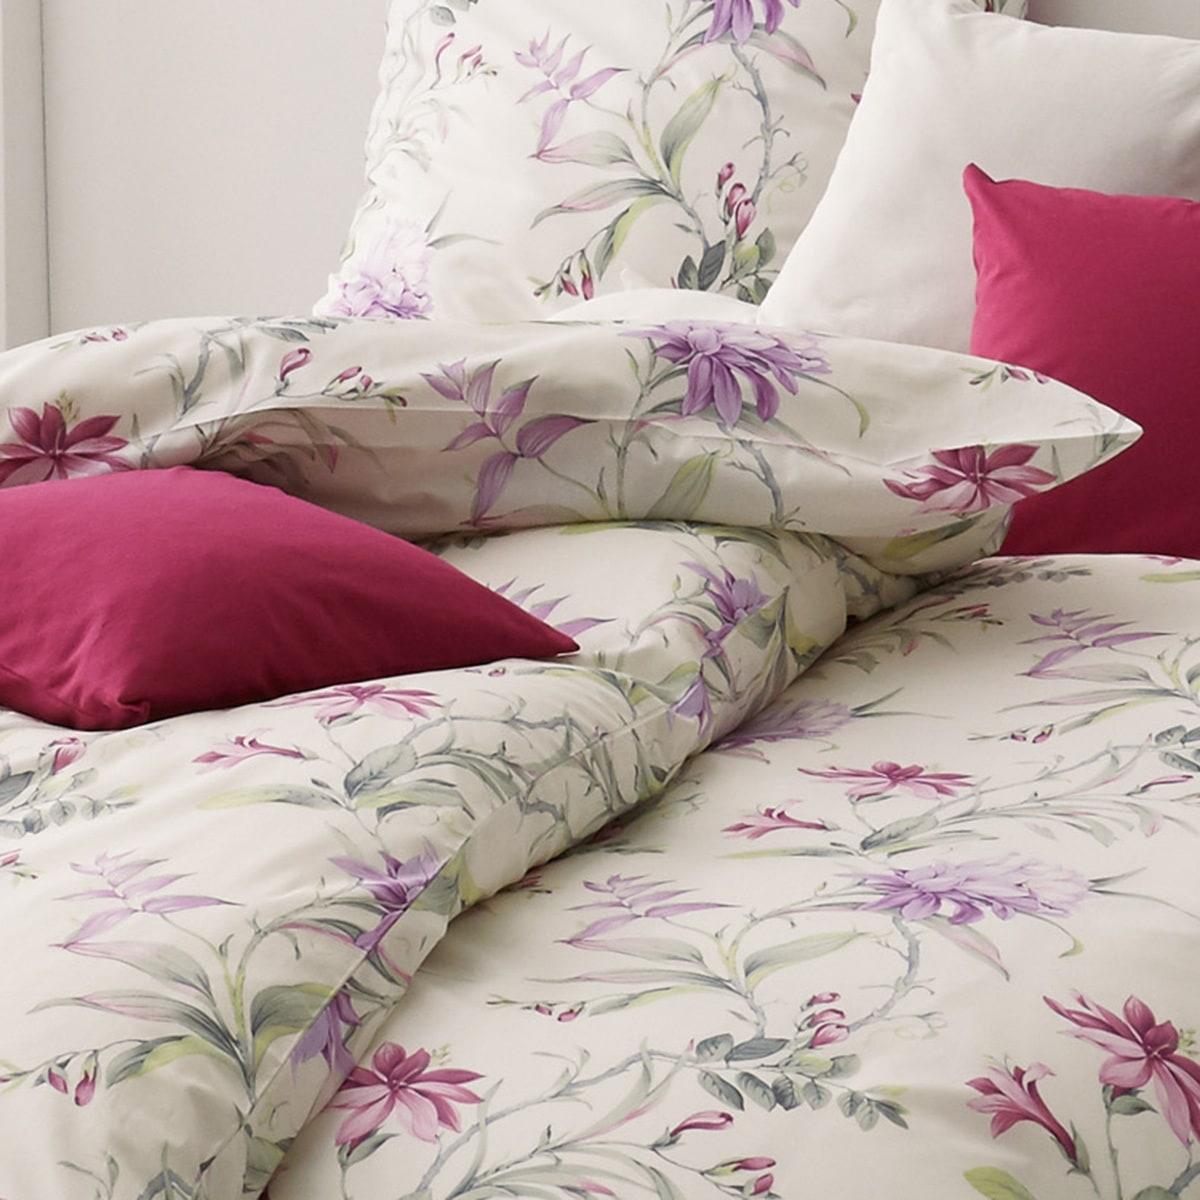 estella mako interlock jersey bettw sche 6155 060 violett g nstig online kaufen bei bettwaren shop. Black Bedroom Furniture Sets. Home Design Ideas